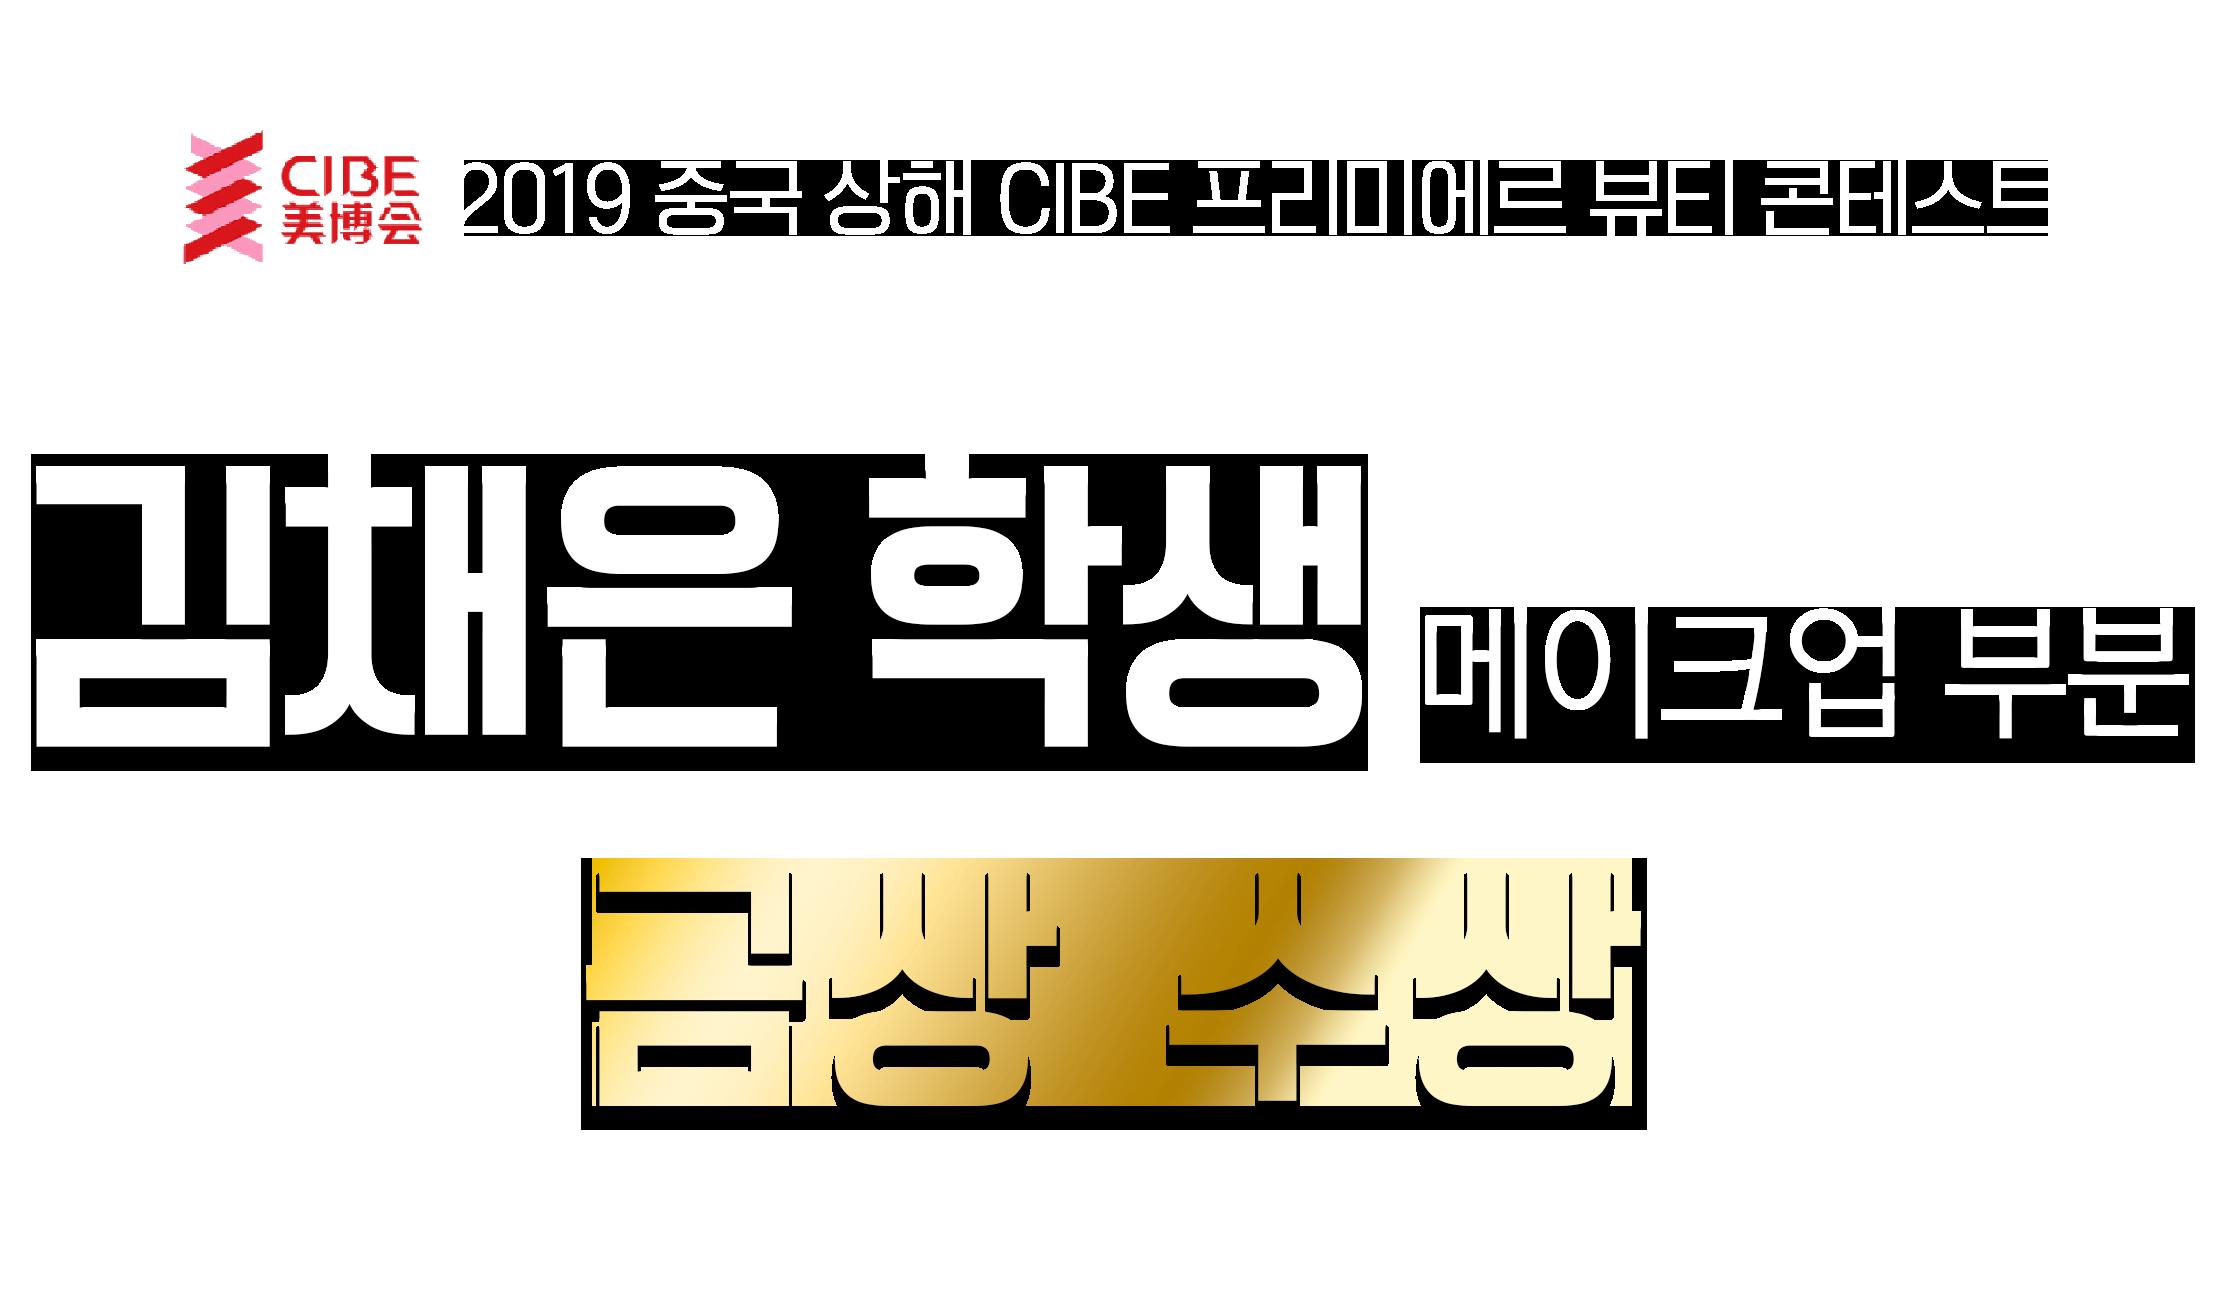 김채은 학생 CIBE 프리미에르 뷰티 콘테스트 대회 금상 수상